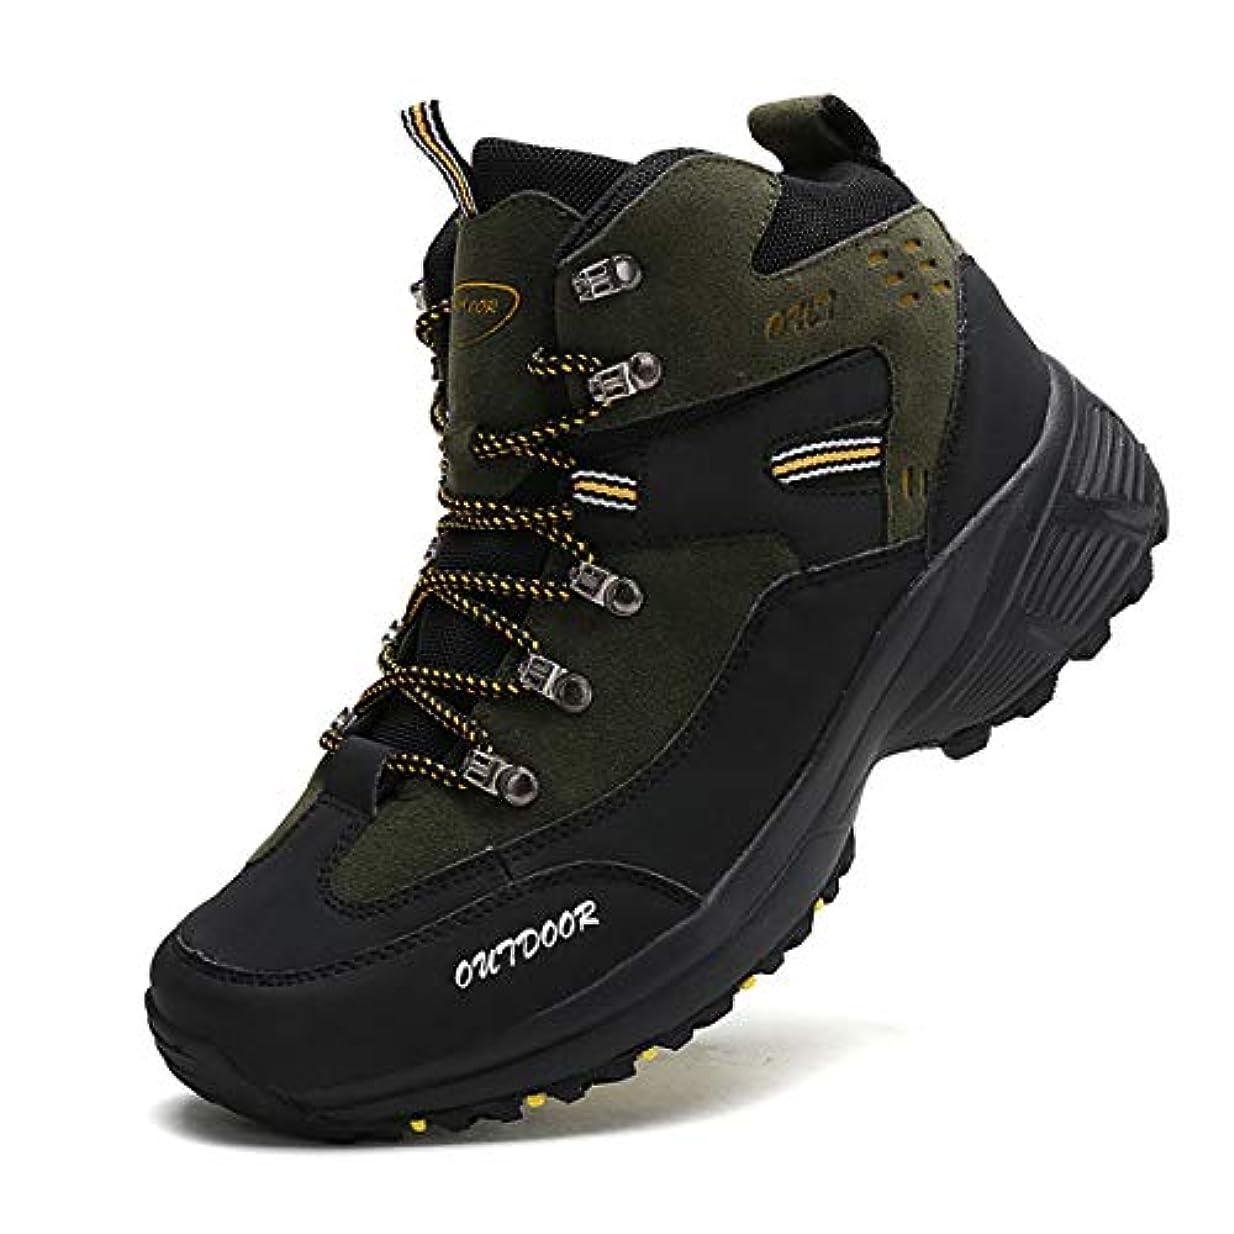 寄り添うテクニカル拒否[RDGO] メンズ ハイキングシューズ トレッキングブーツ 登山靴 アウトドアシューズ 防滑 牛革 ローカット ウォーキングシューズ 防水 大きいサイズ 幅広 スニーカー